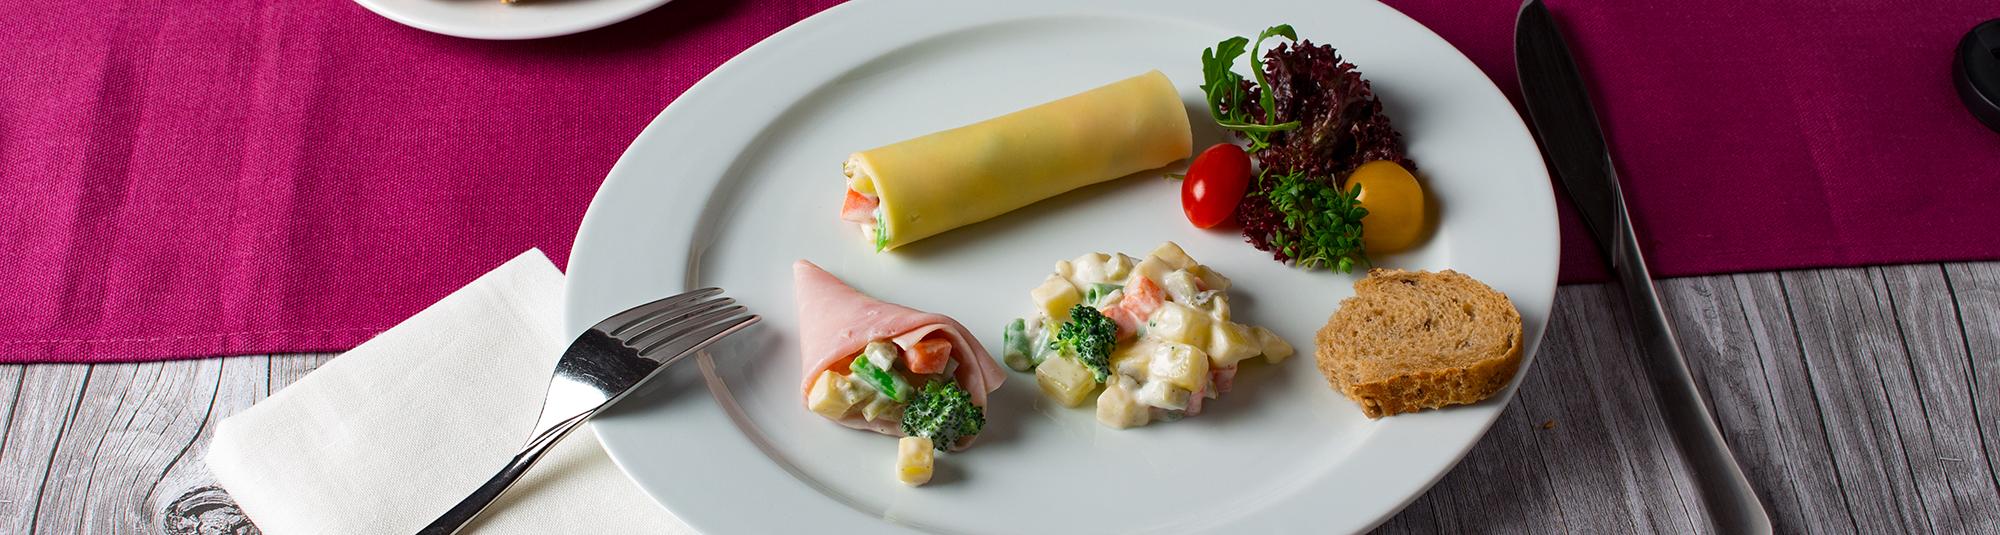 Mayonnaise Salat mit Iglo Suppengemüse